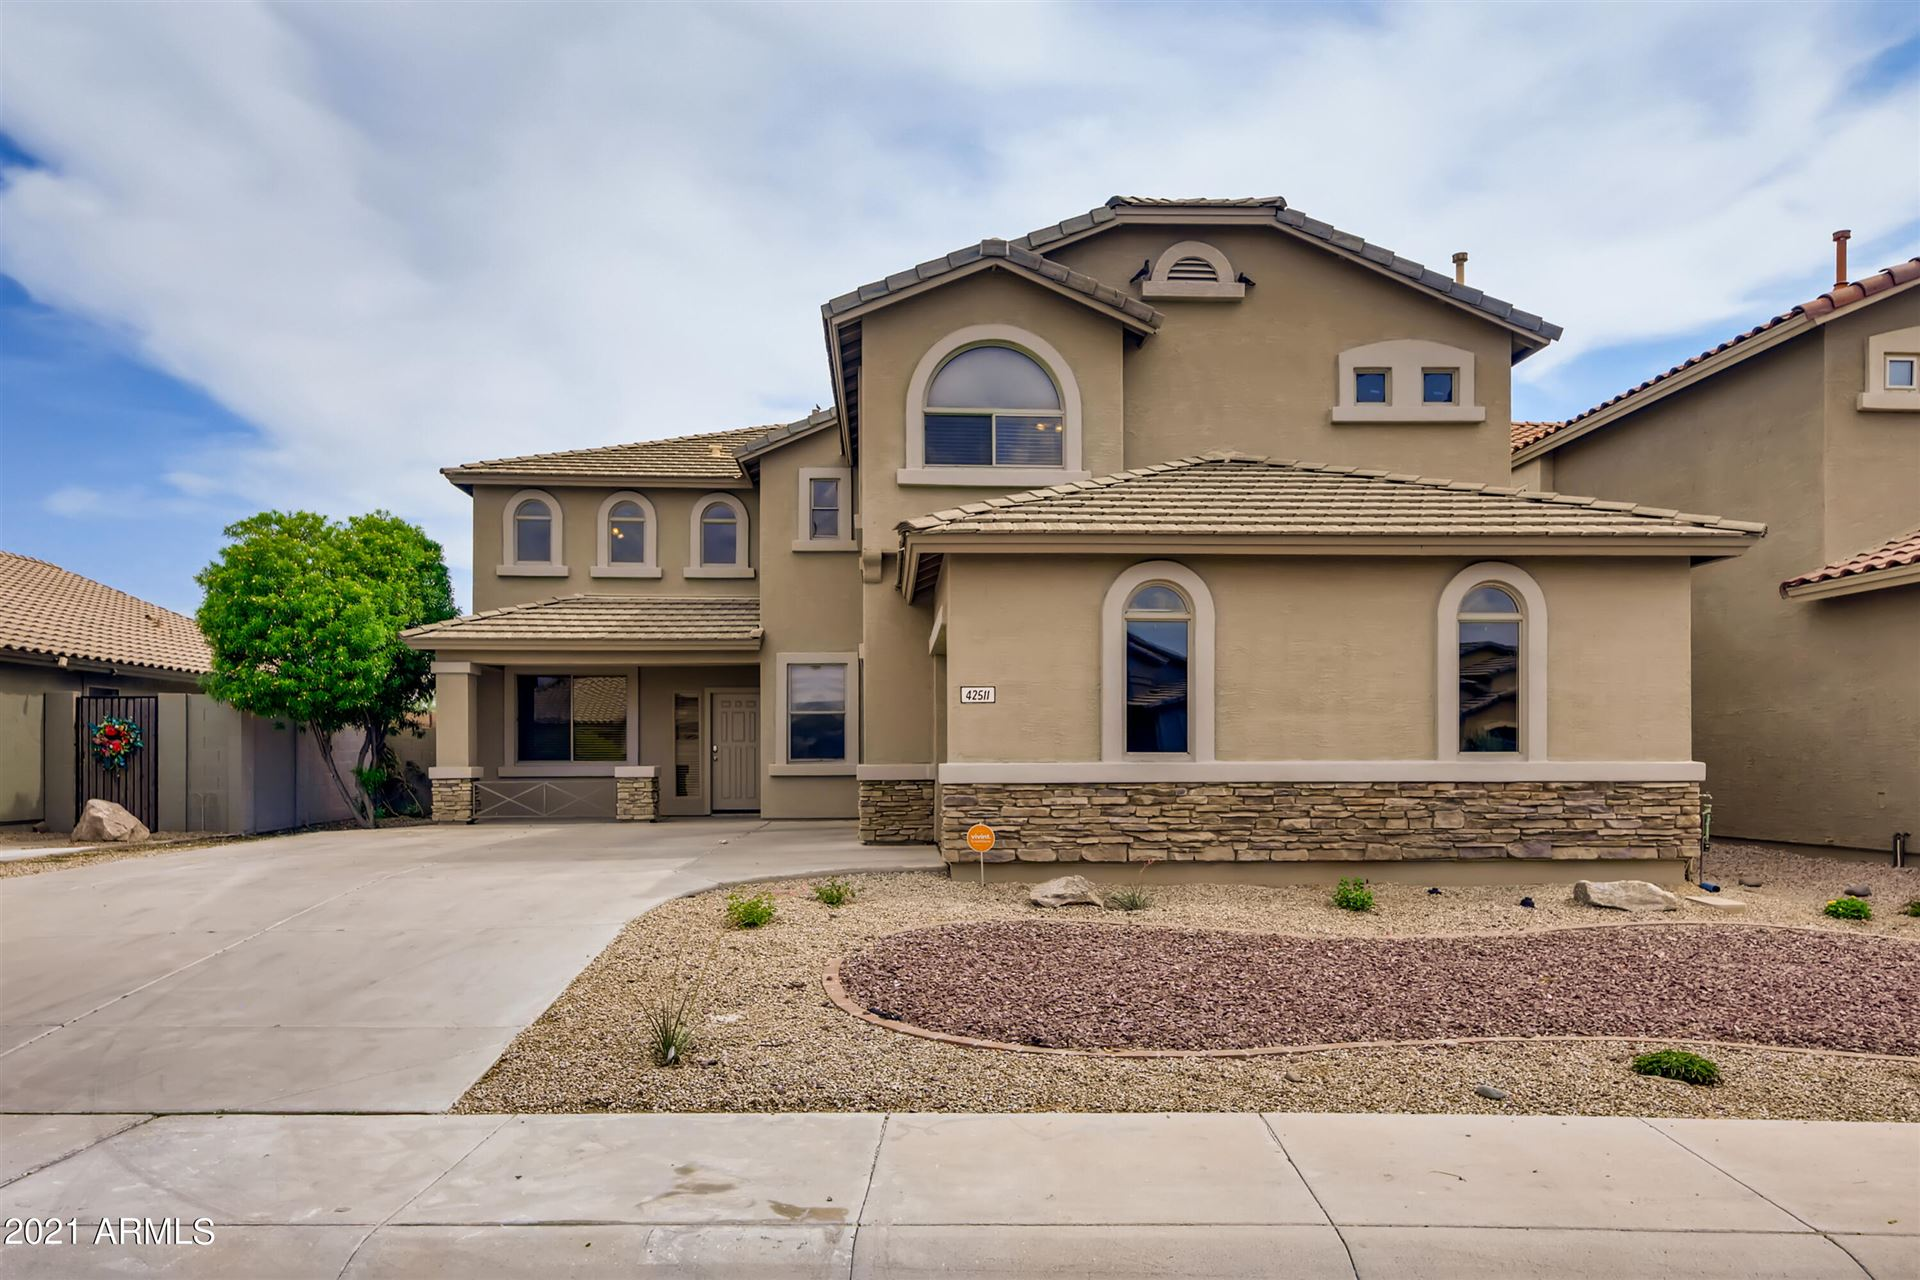 Photo for 42511 W CHISHOLM Drive, Maricopa, AZ 85138 (MLS # 6267112)